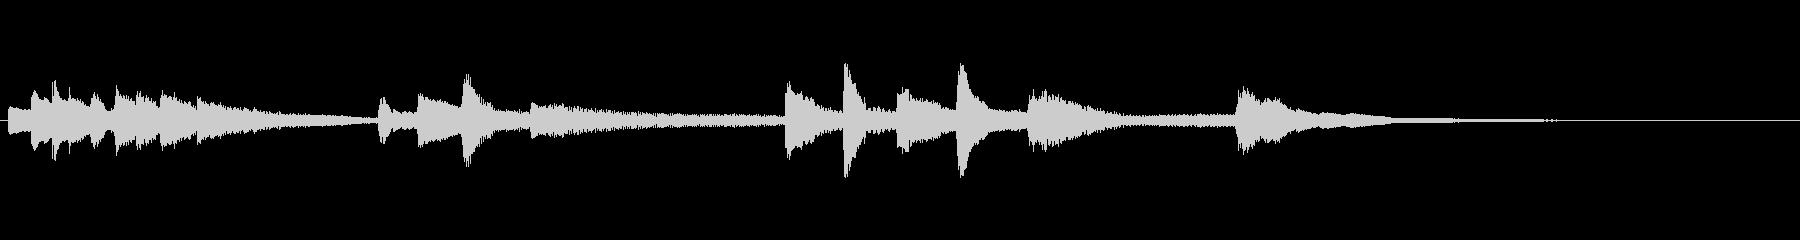 劇伴用~繊細な短いピアノのメロディ~の未再生の波形